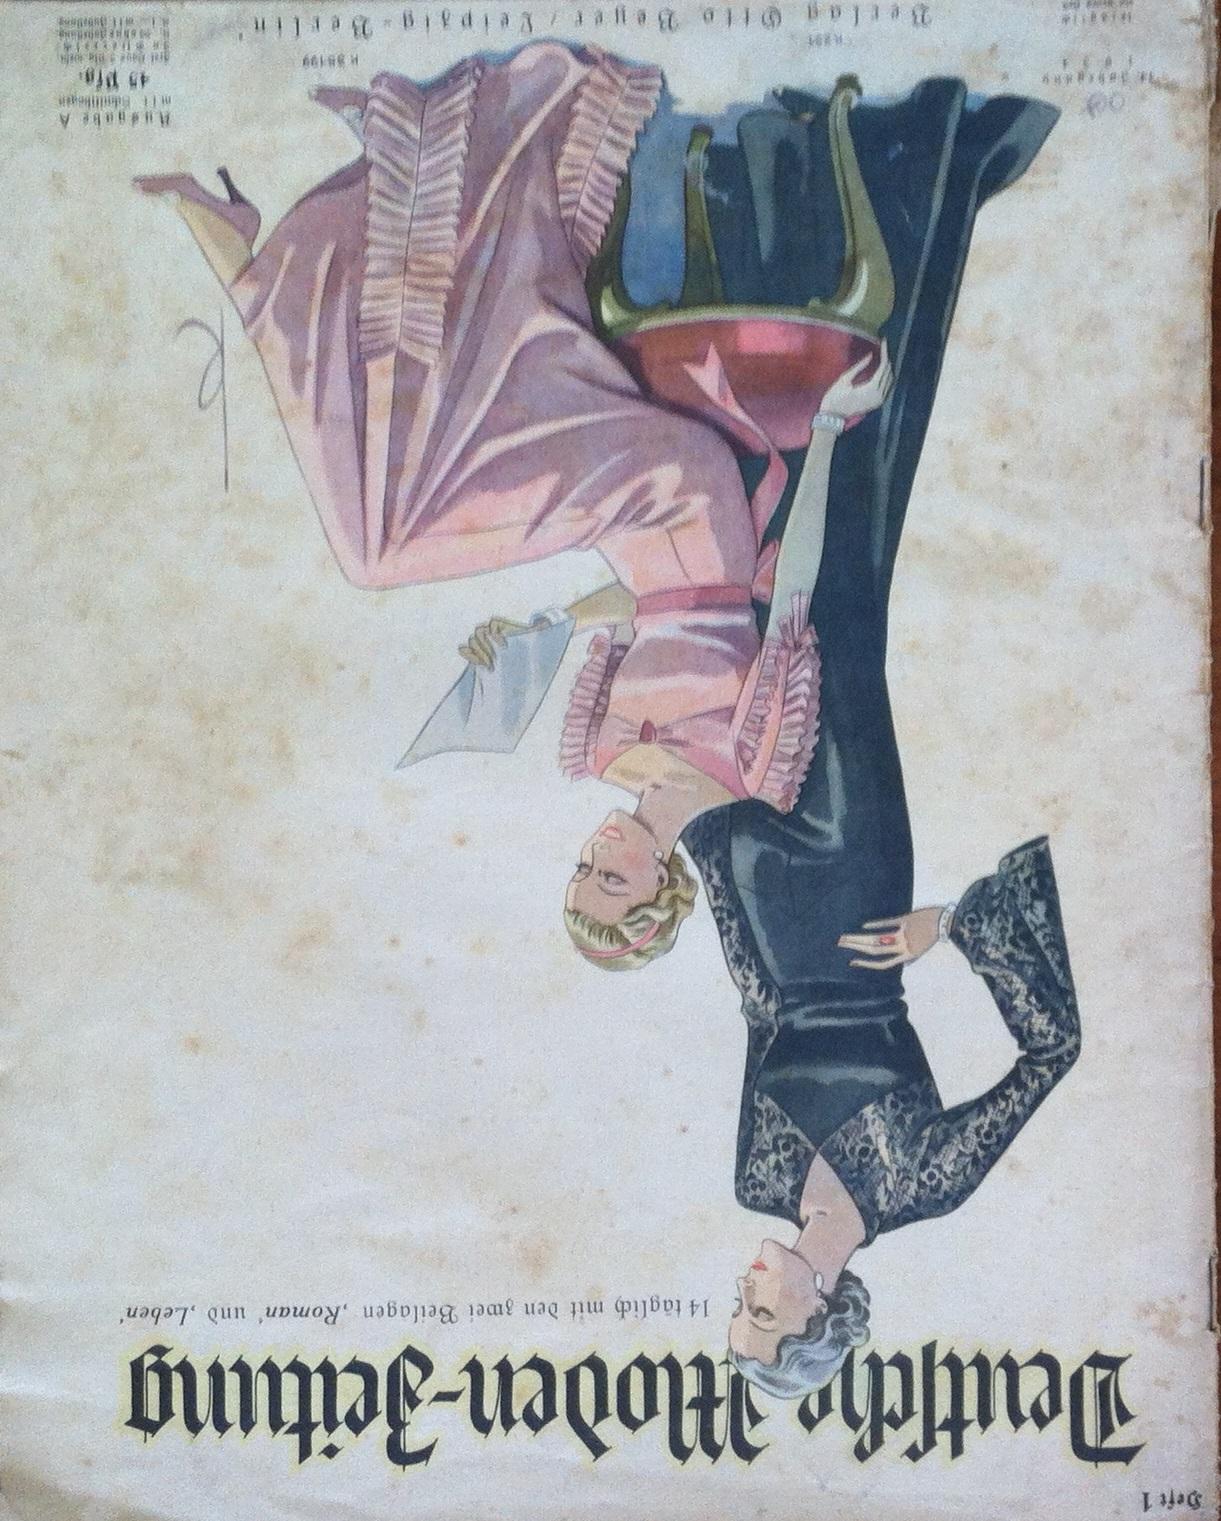 Deutsche Moden-Zeitung No. 1 Vol. 44 1934